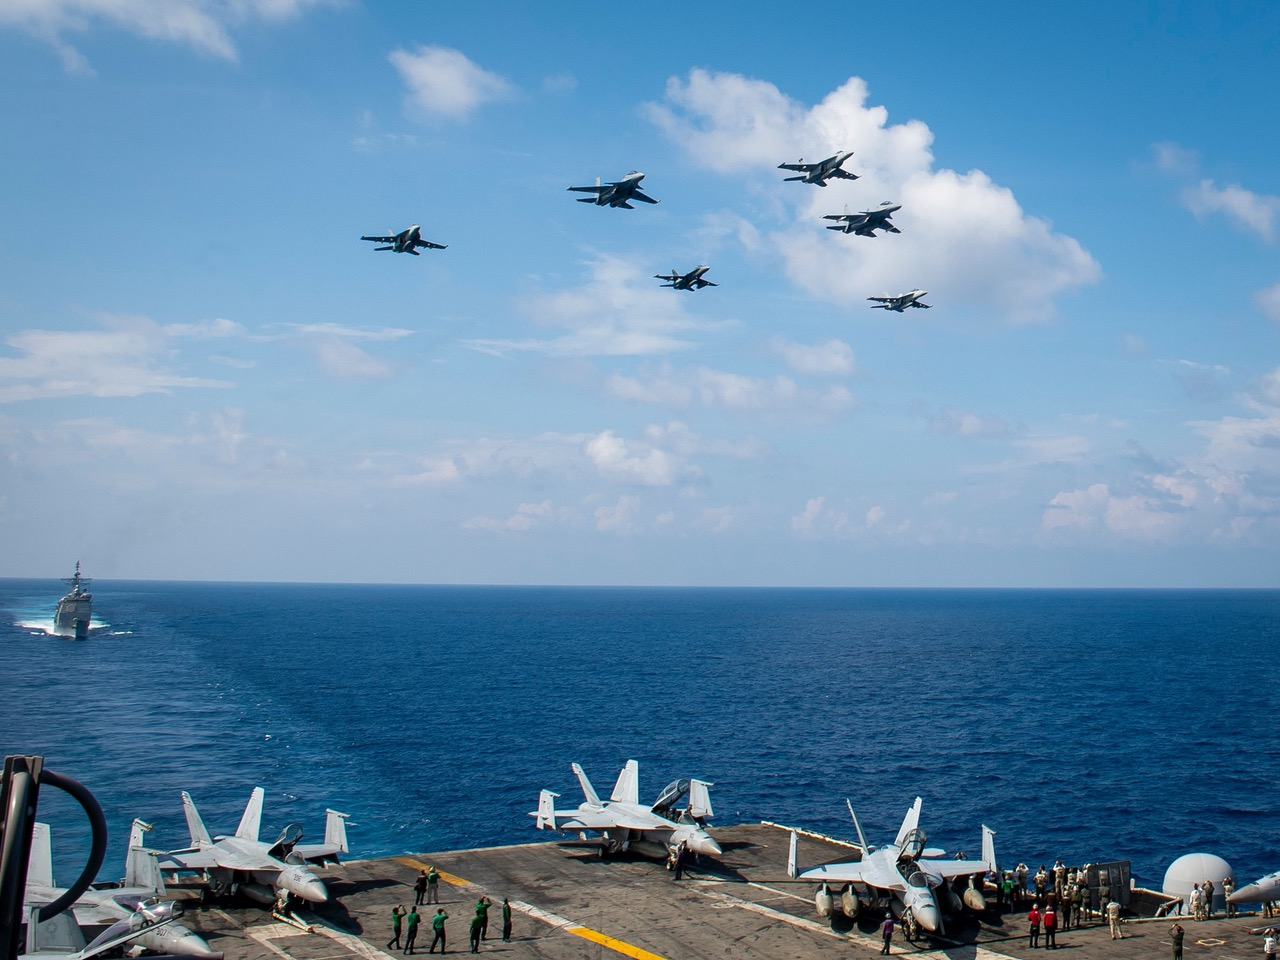 美国海军今年四月与马来西亚在南海联合军演。(美国海军脸书)